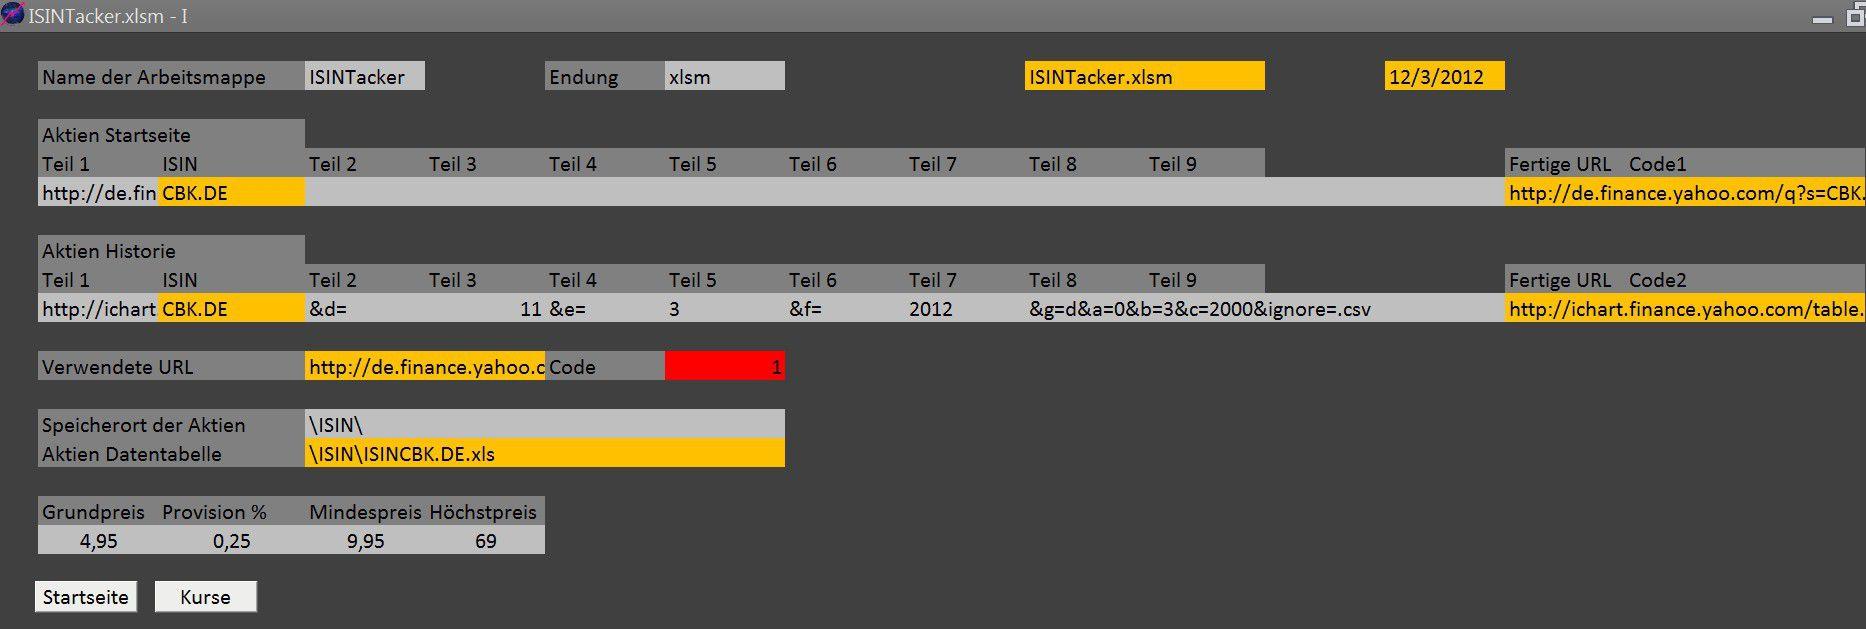 Vorschau Aktien Tracker - Bild 3